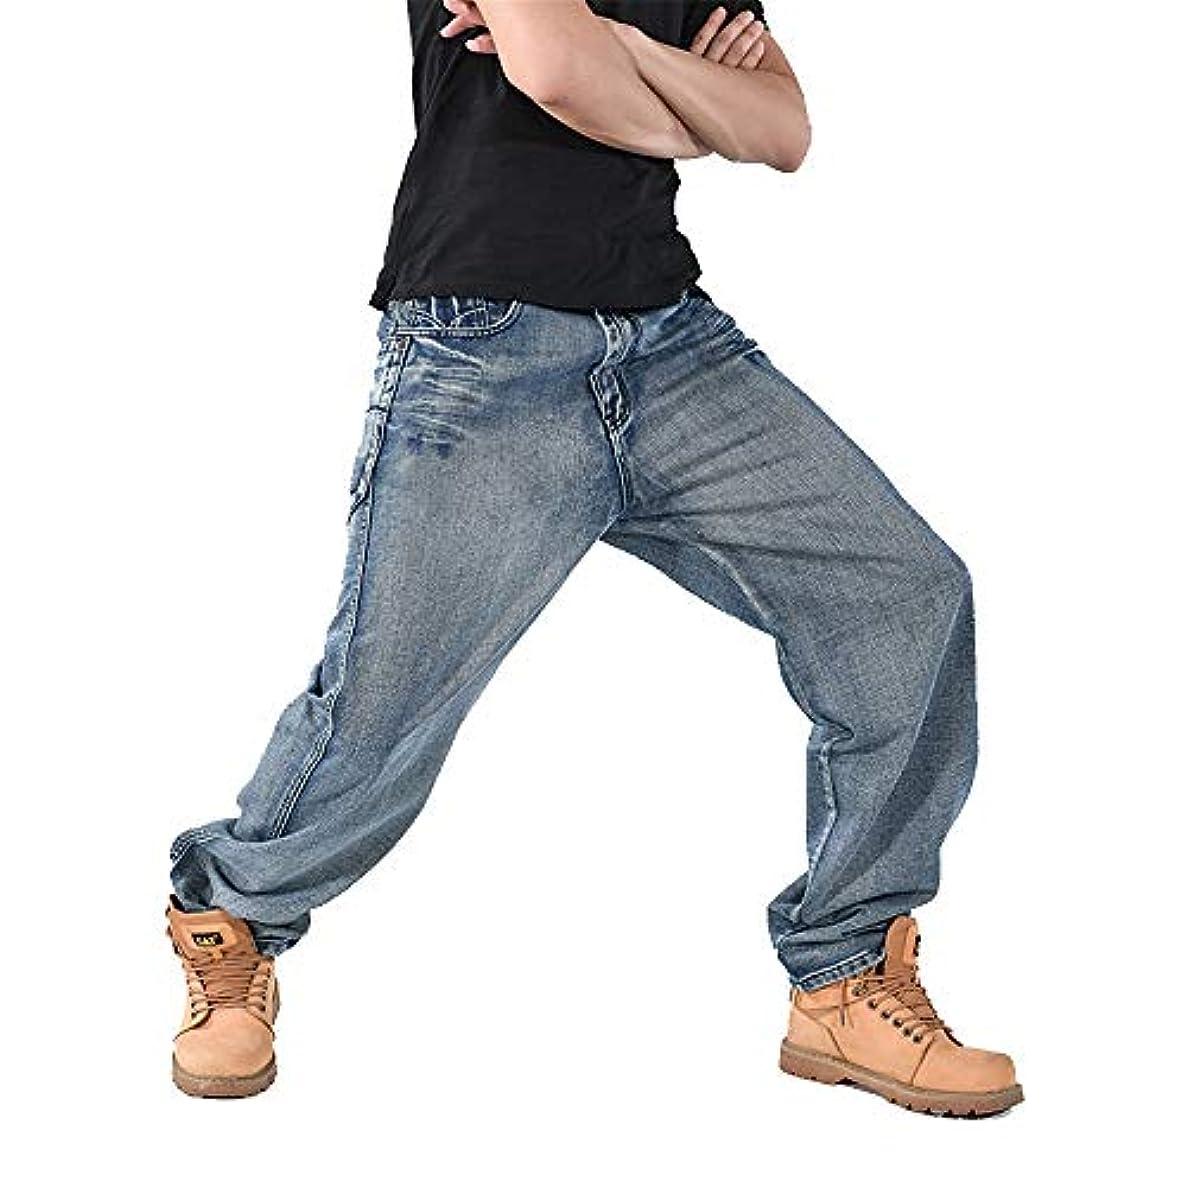 所得保証コンパクトメンズデニムジーンズ、春秋プラス脂肪ワイド脚スケートボードパンツファッションカジュアルジーンズ新しいプラスサイズのパンツをヒップホップ,A,30